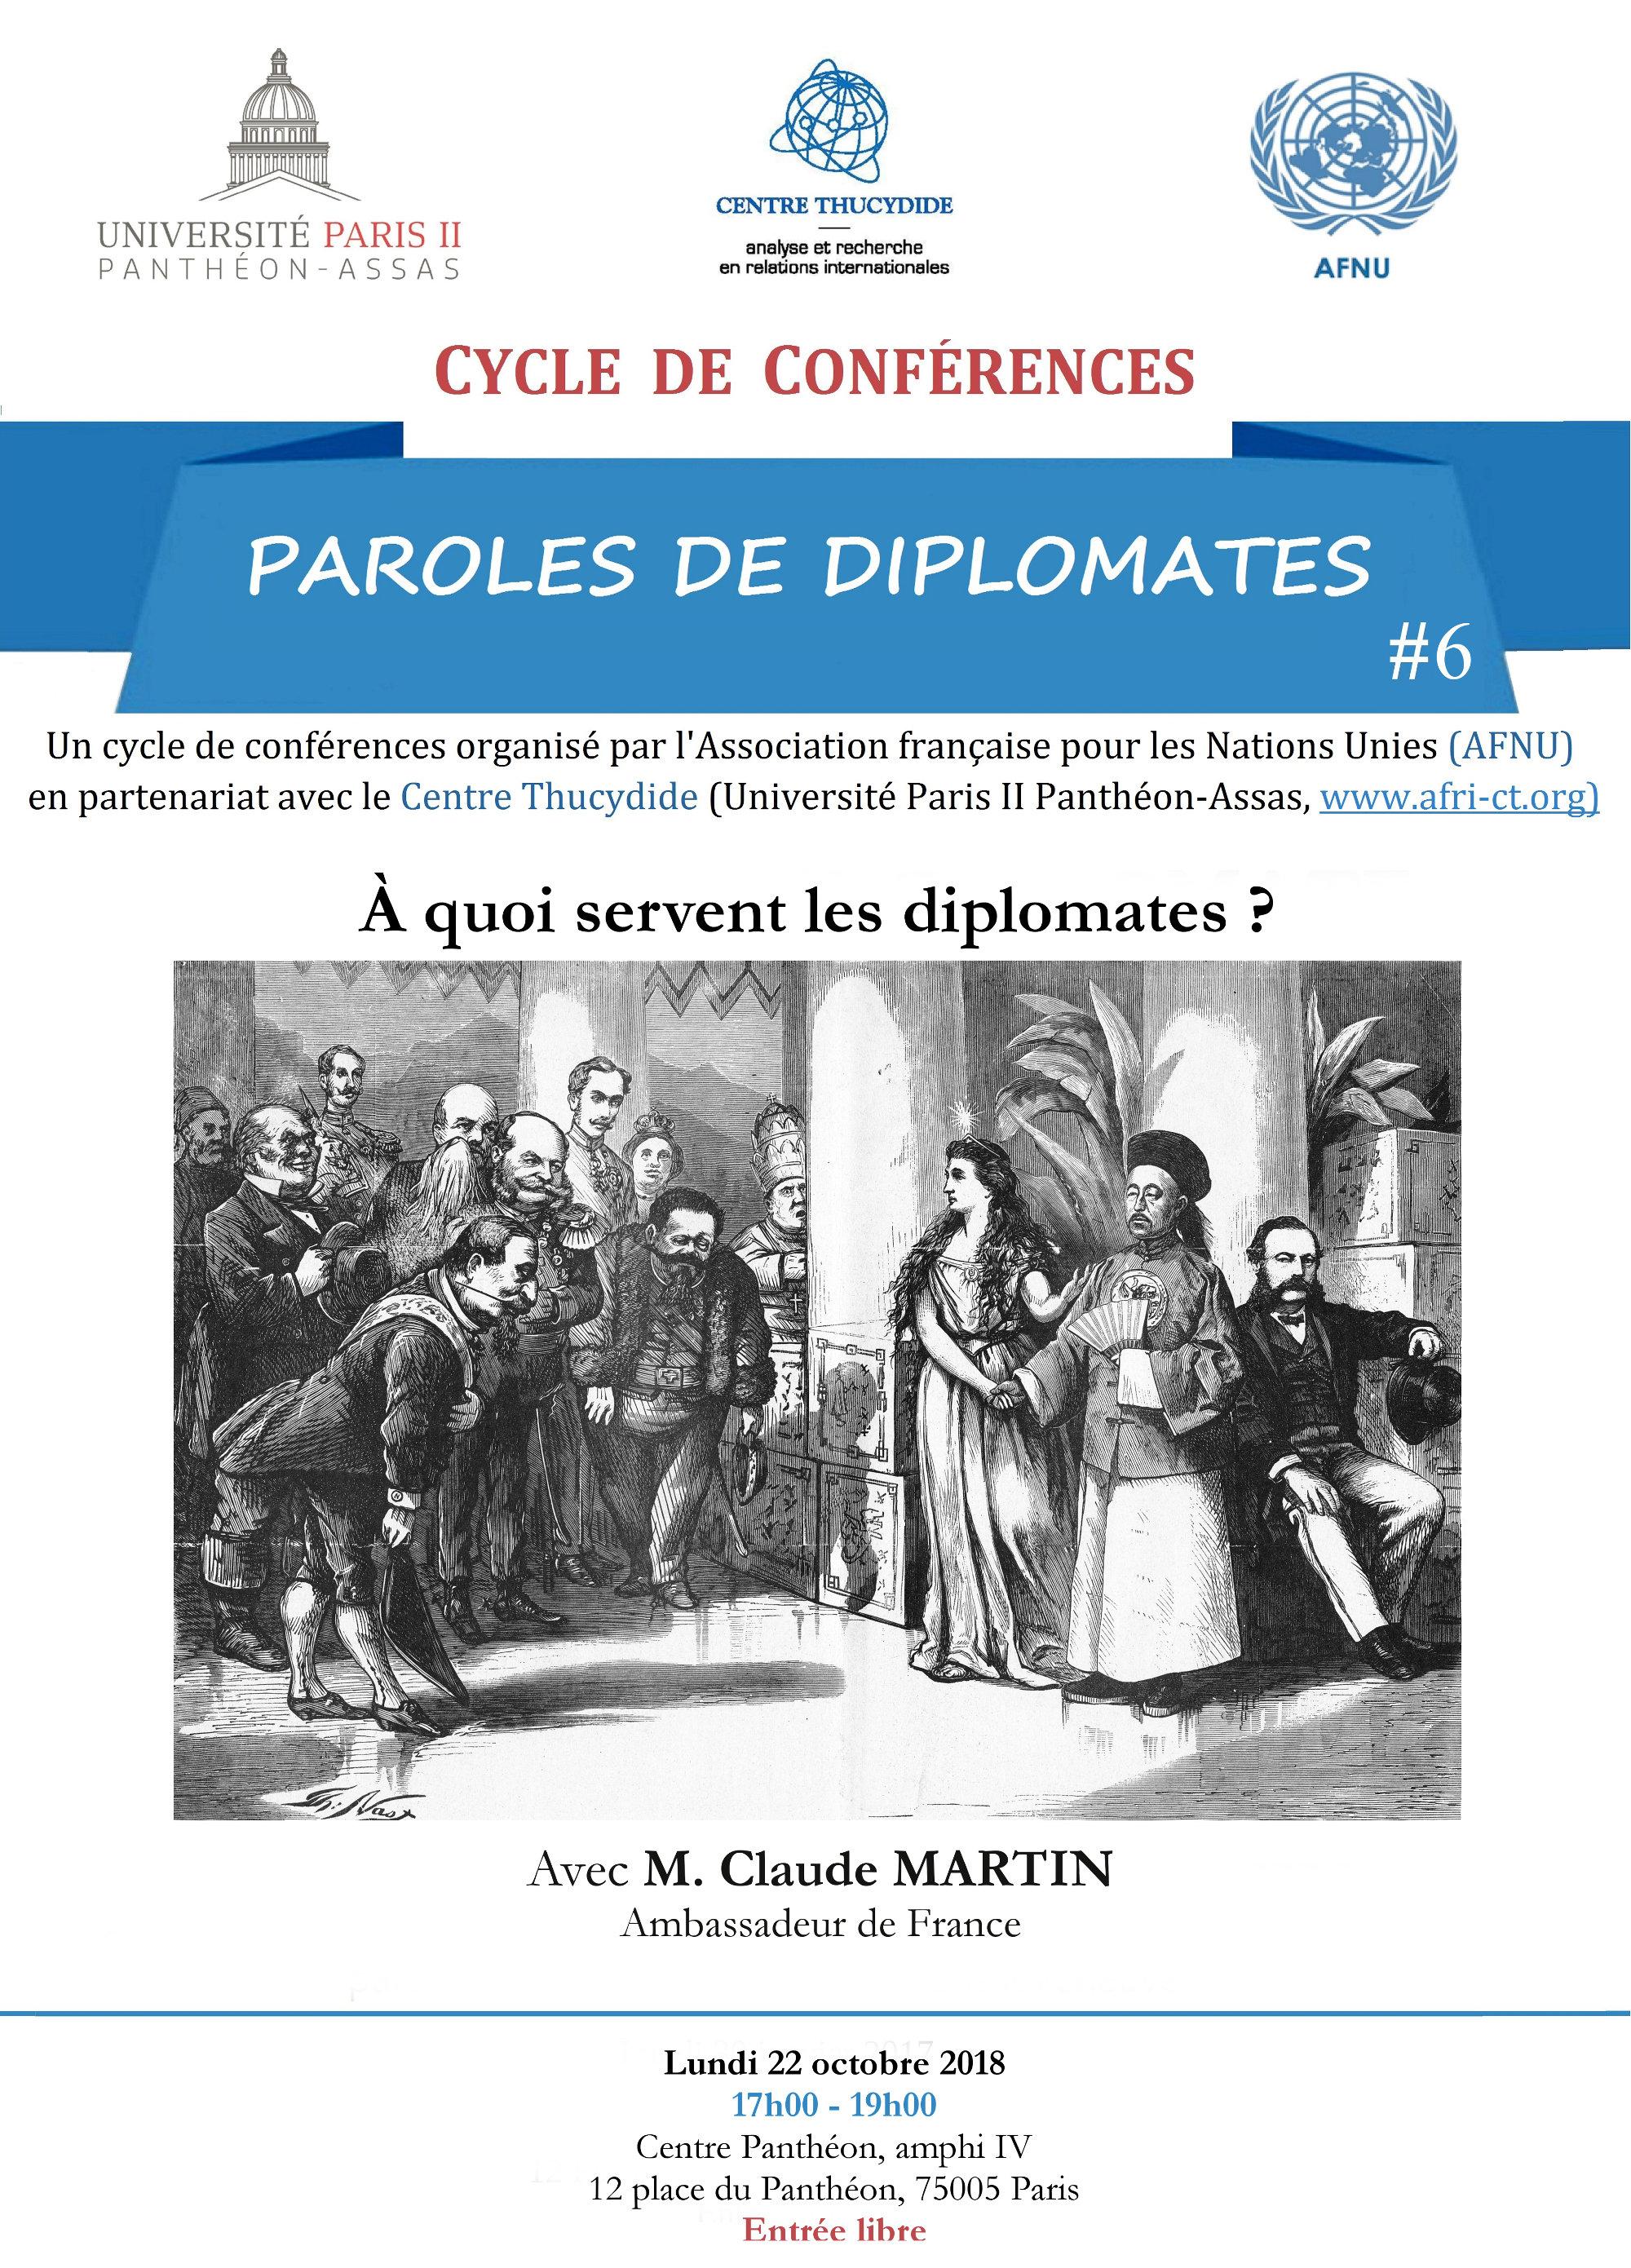 Affiche-paroles-diplomates-thucydide-afnu